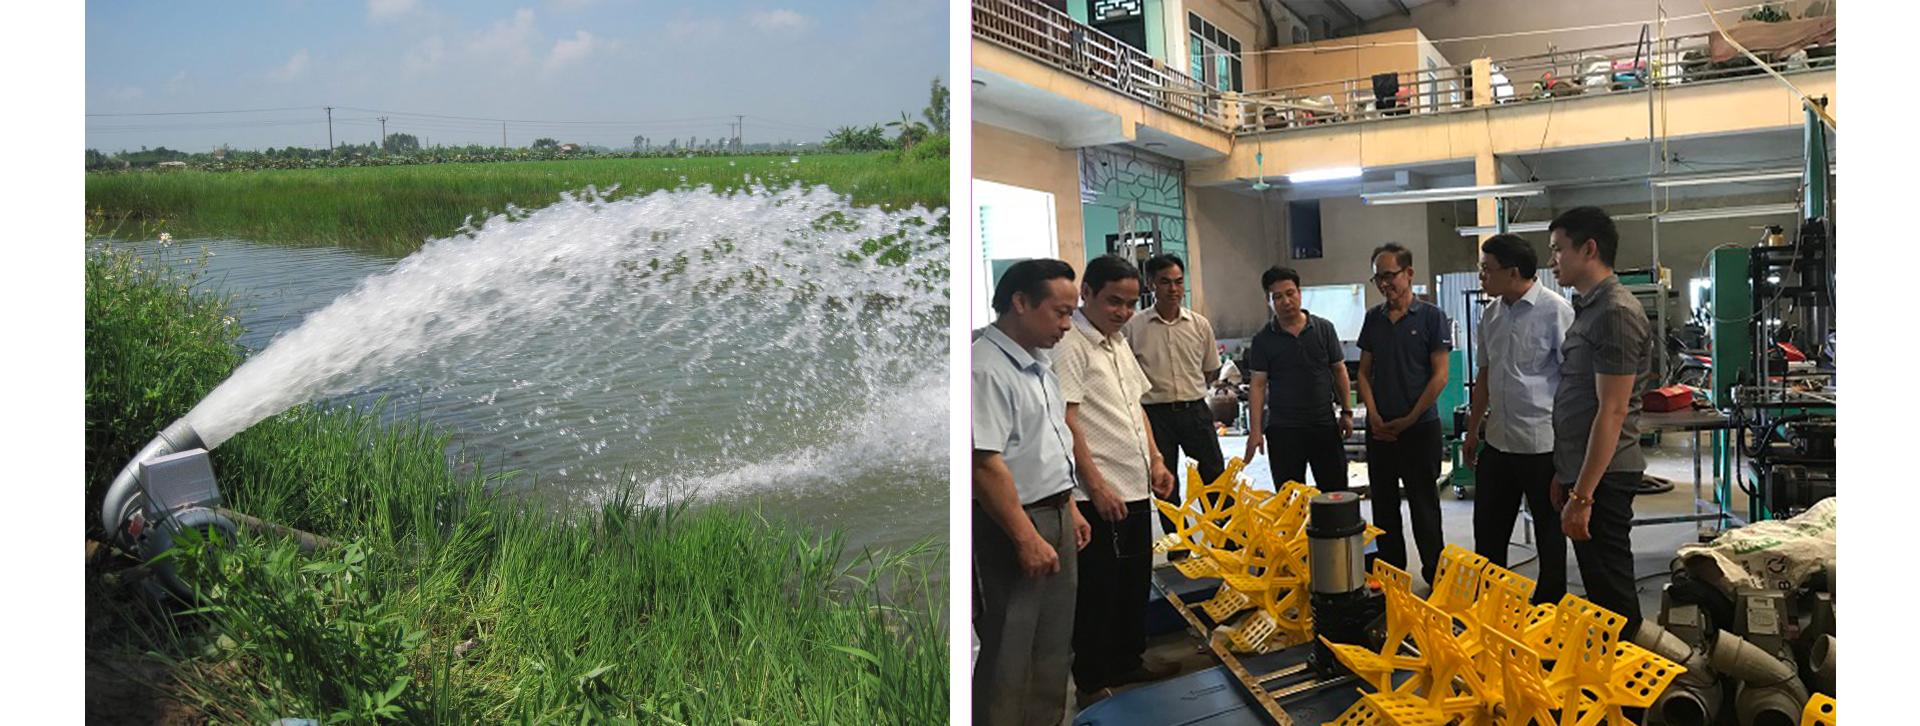 Gặp cựu chiến binh ở Bắc Ninh là nhà sáng chế của nông dân - 15